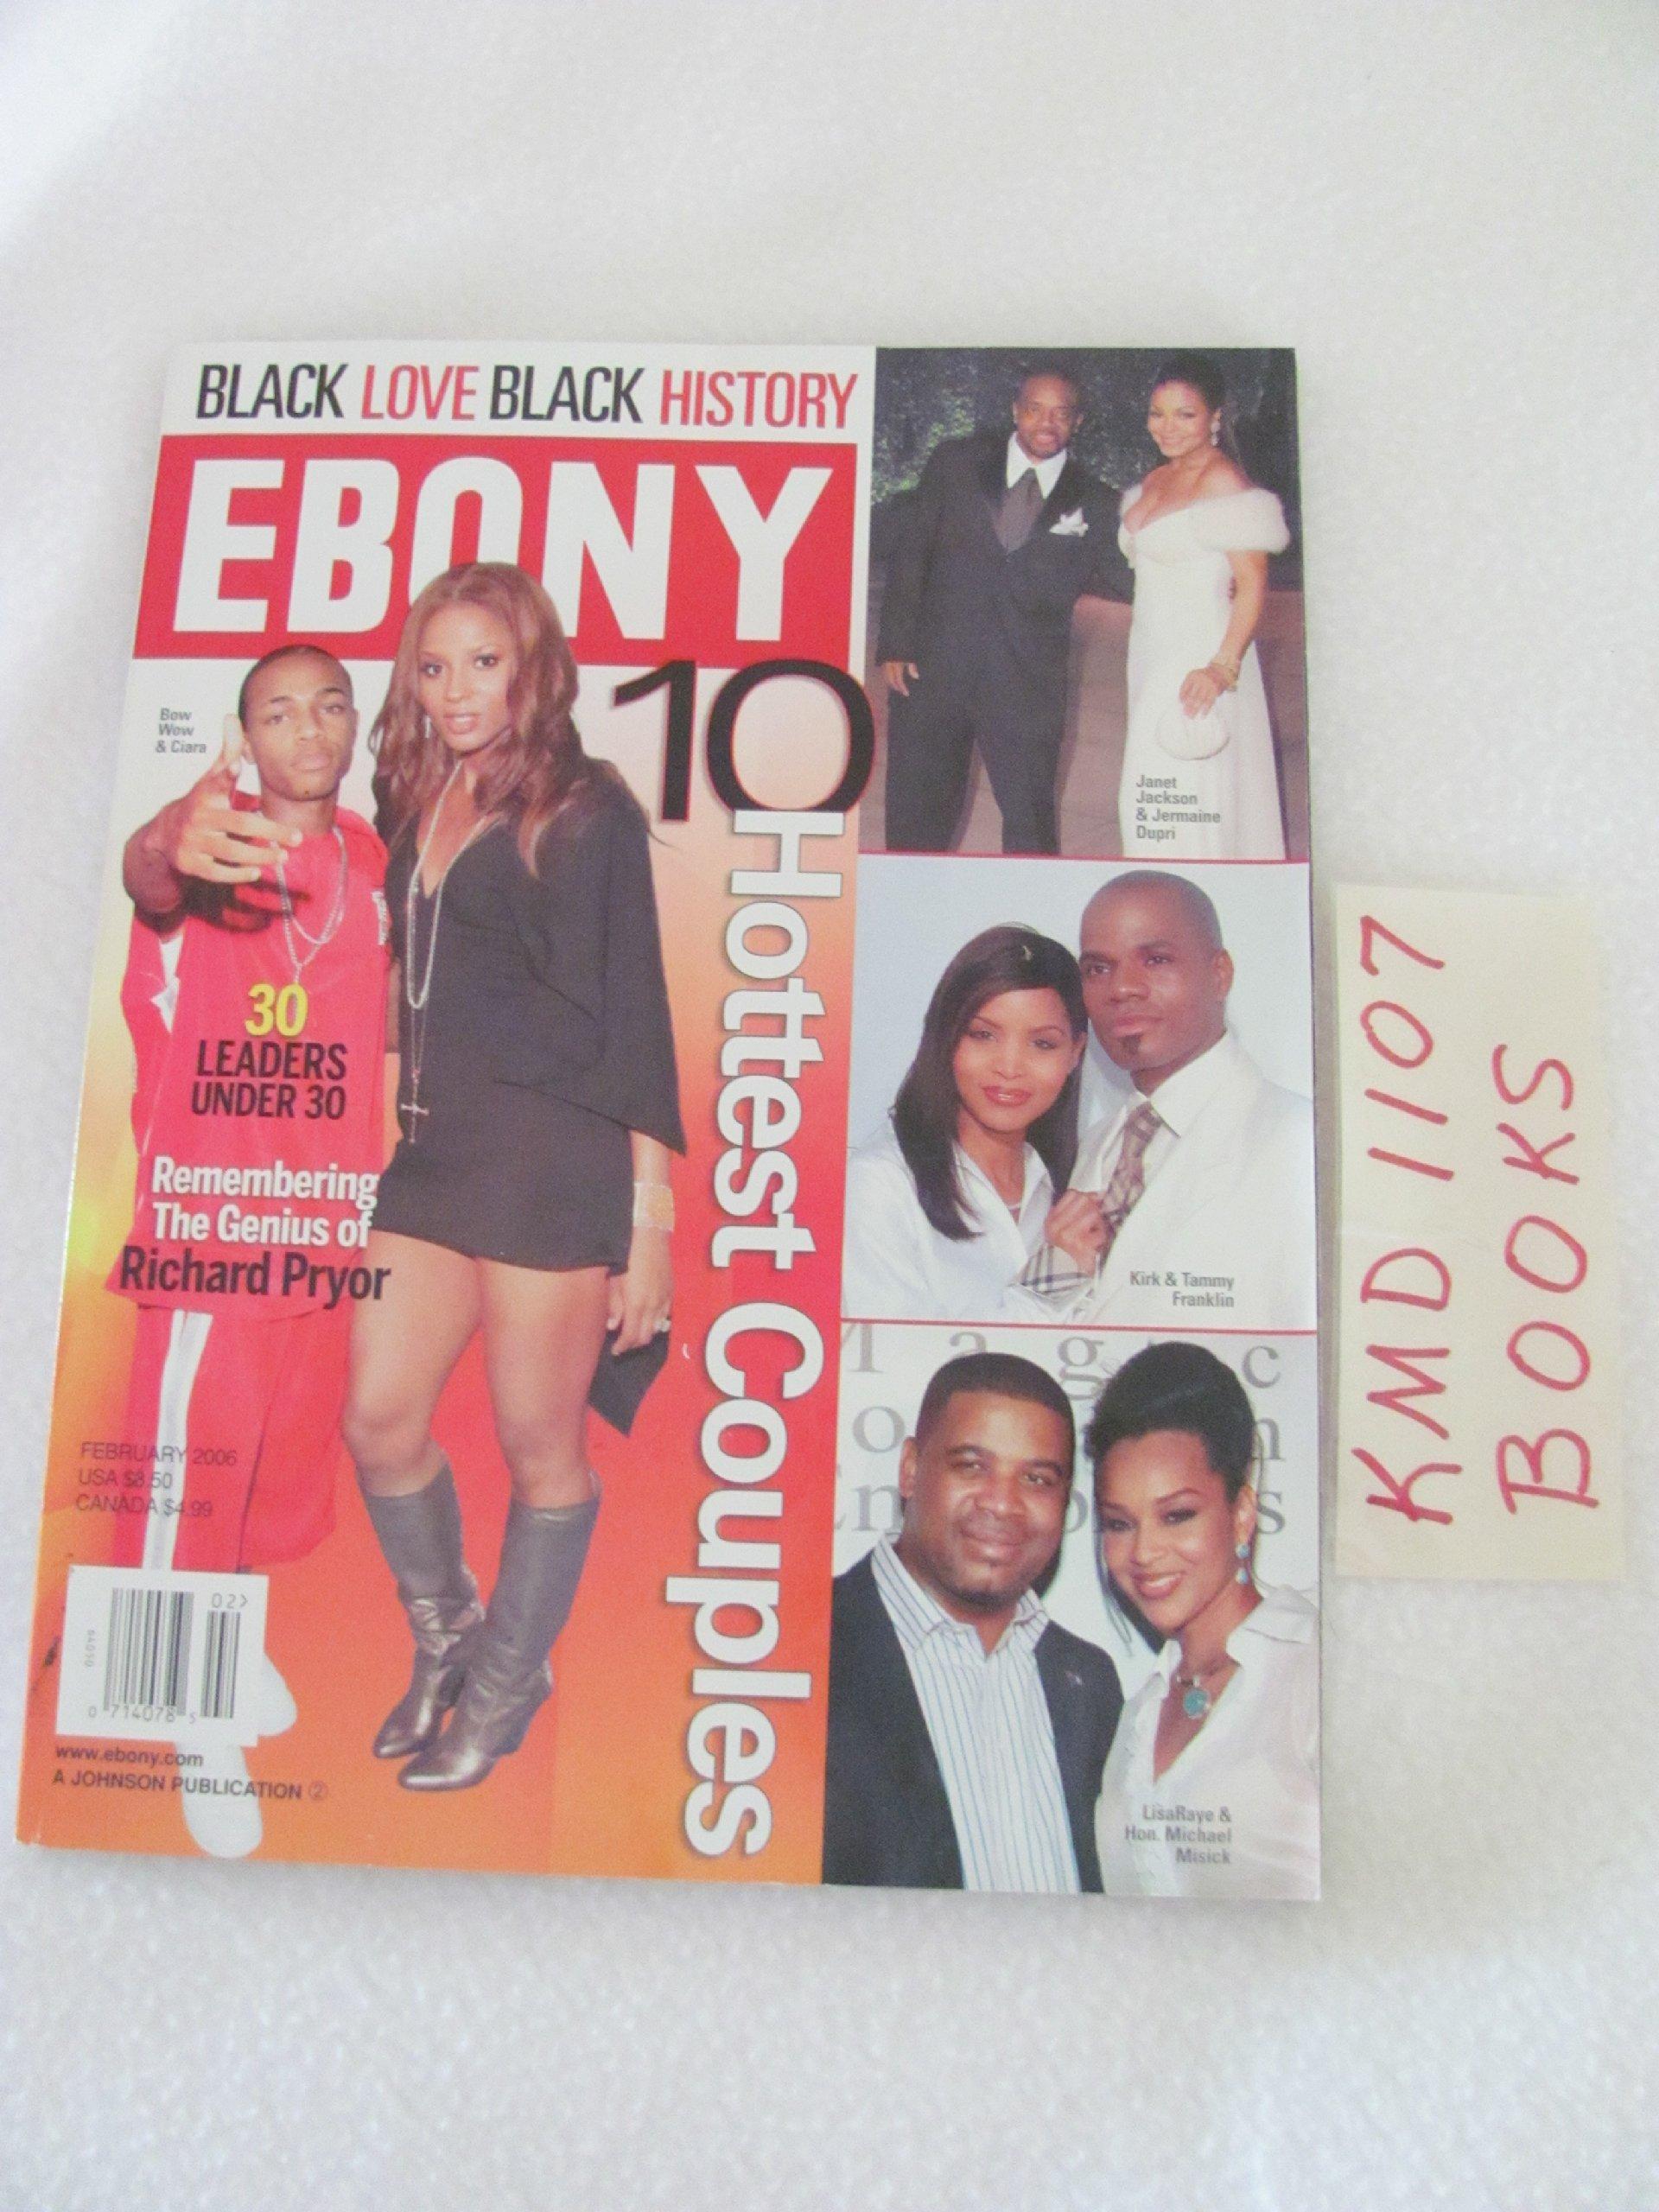 Amazon.com: Ebony Magazine February 2006: 10 Hottest Couples ...